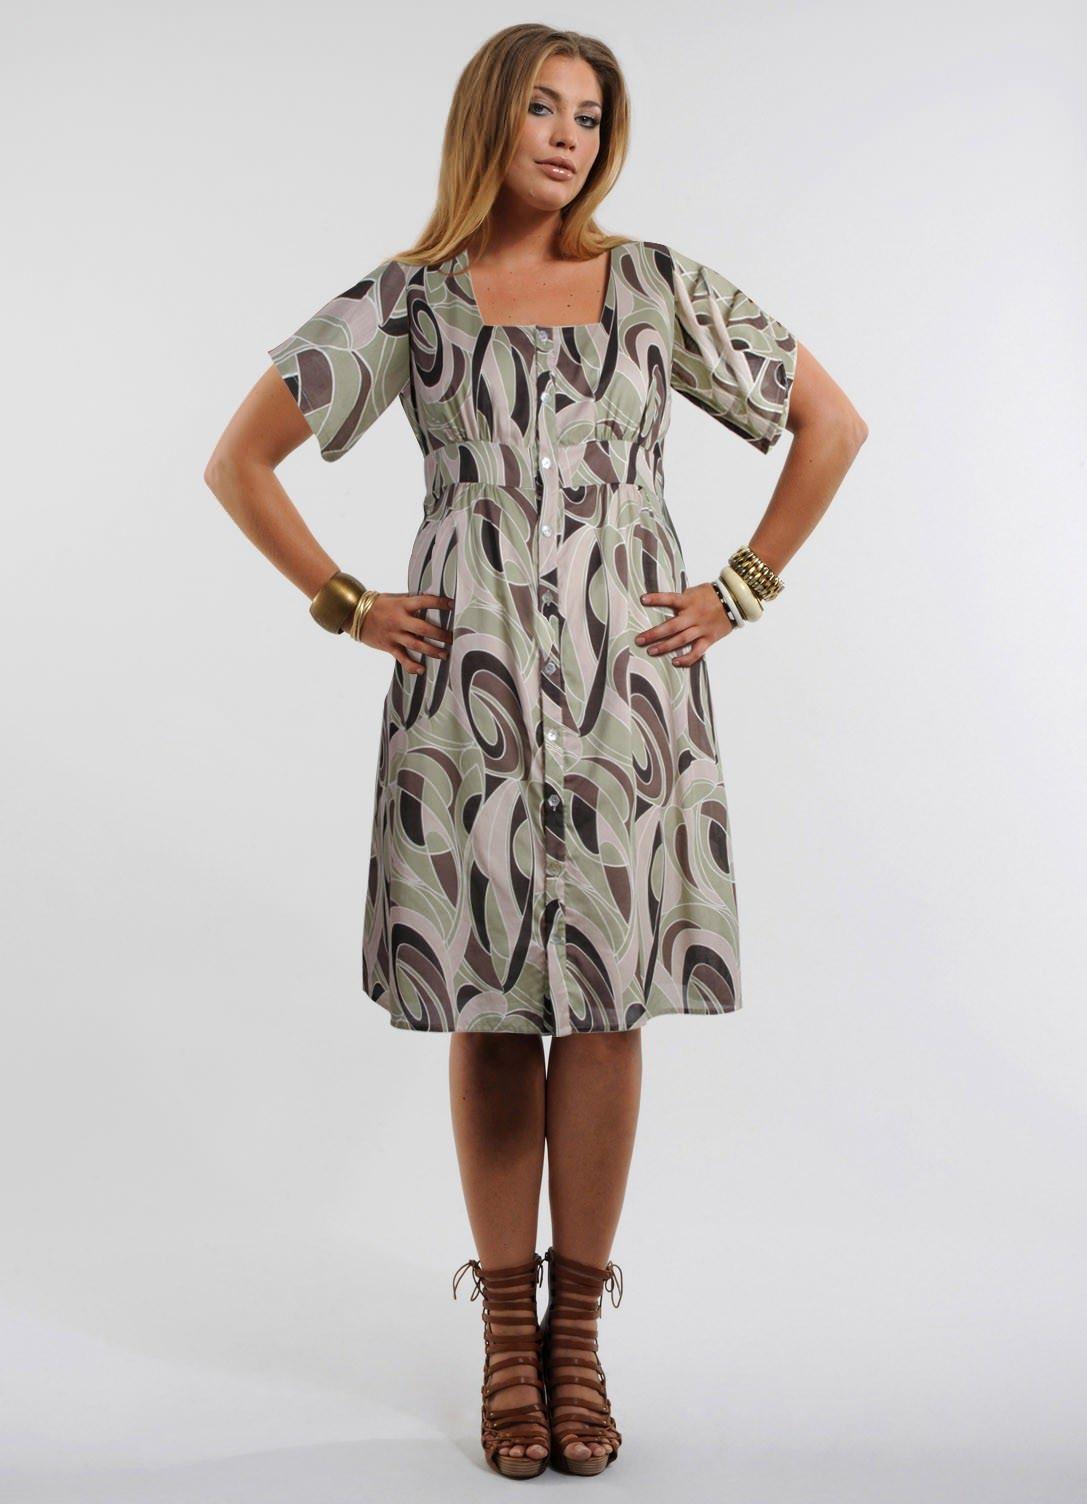 959493ef1d9 Летняя одежда для женщин 50 лет